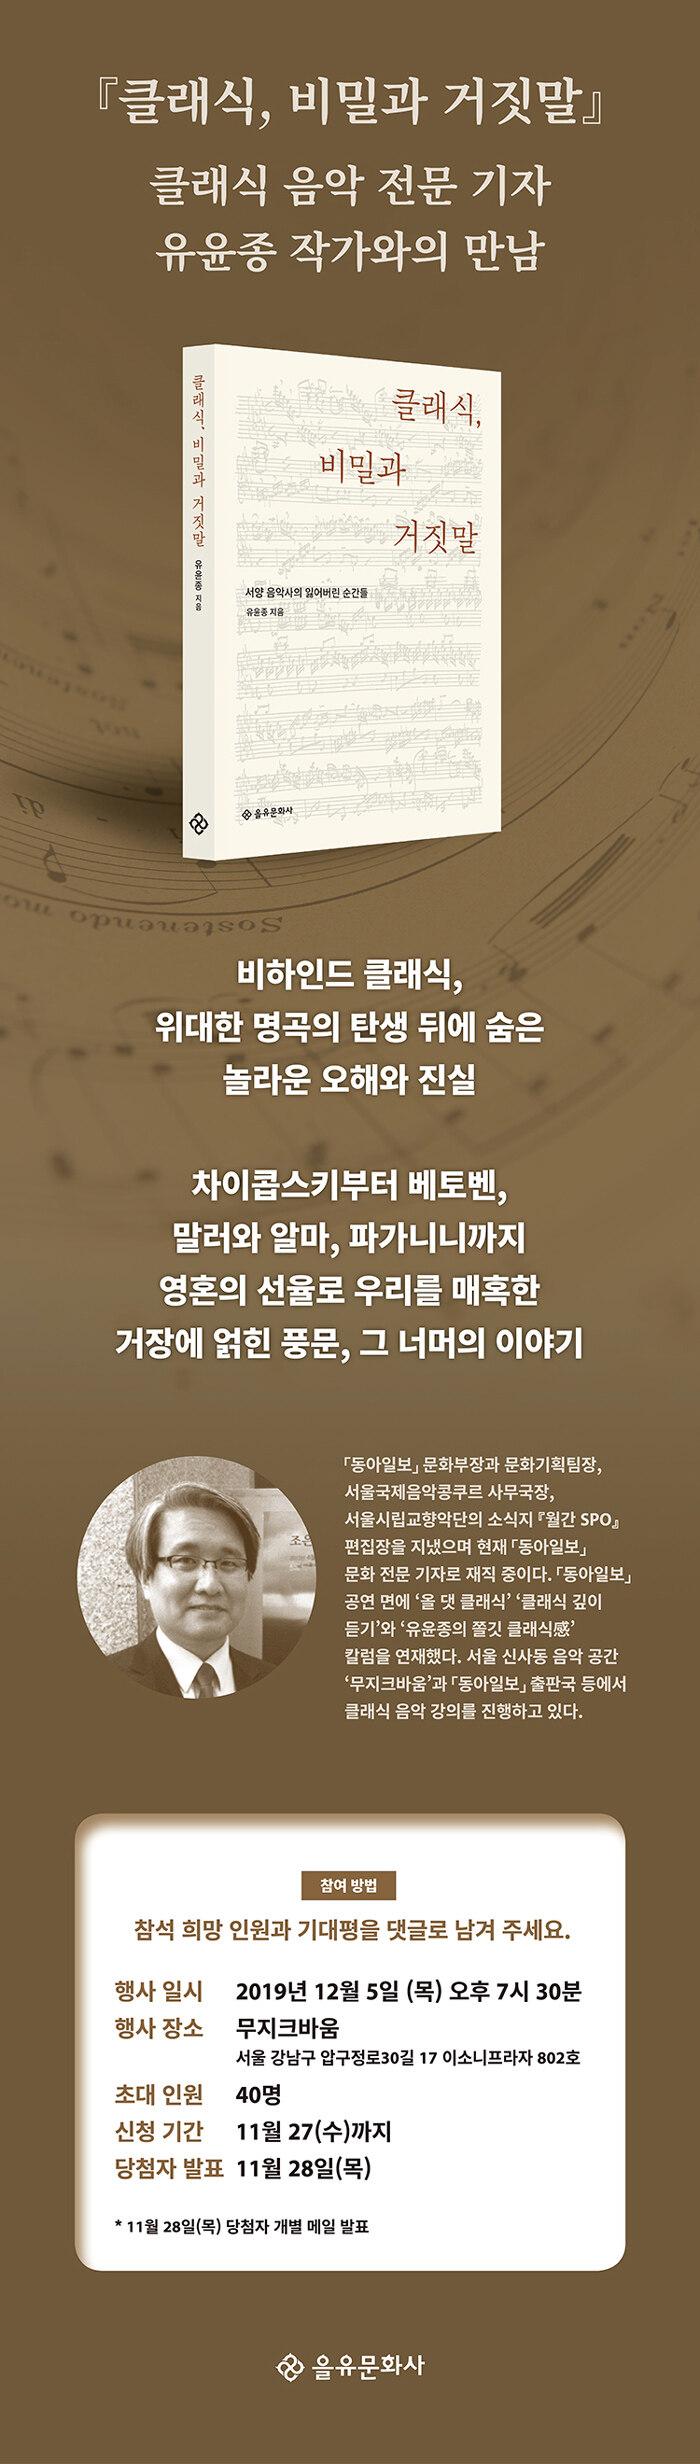 <클래식, 비밀과 거짓말> 작가와의 만남